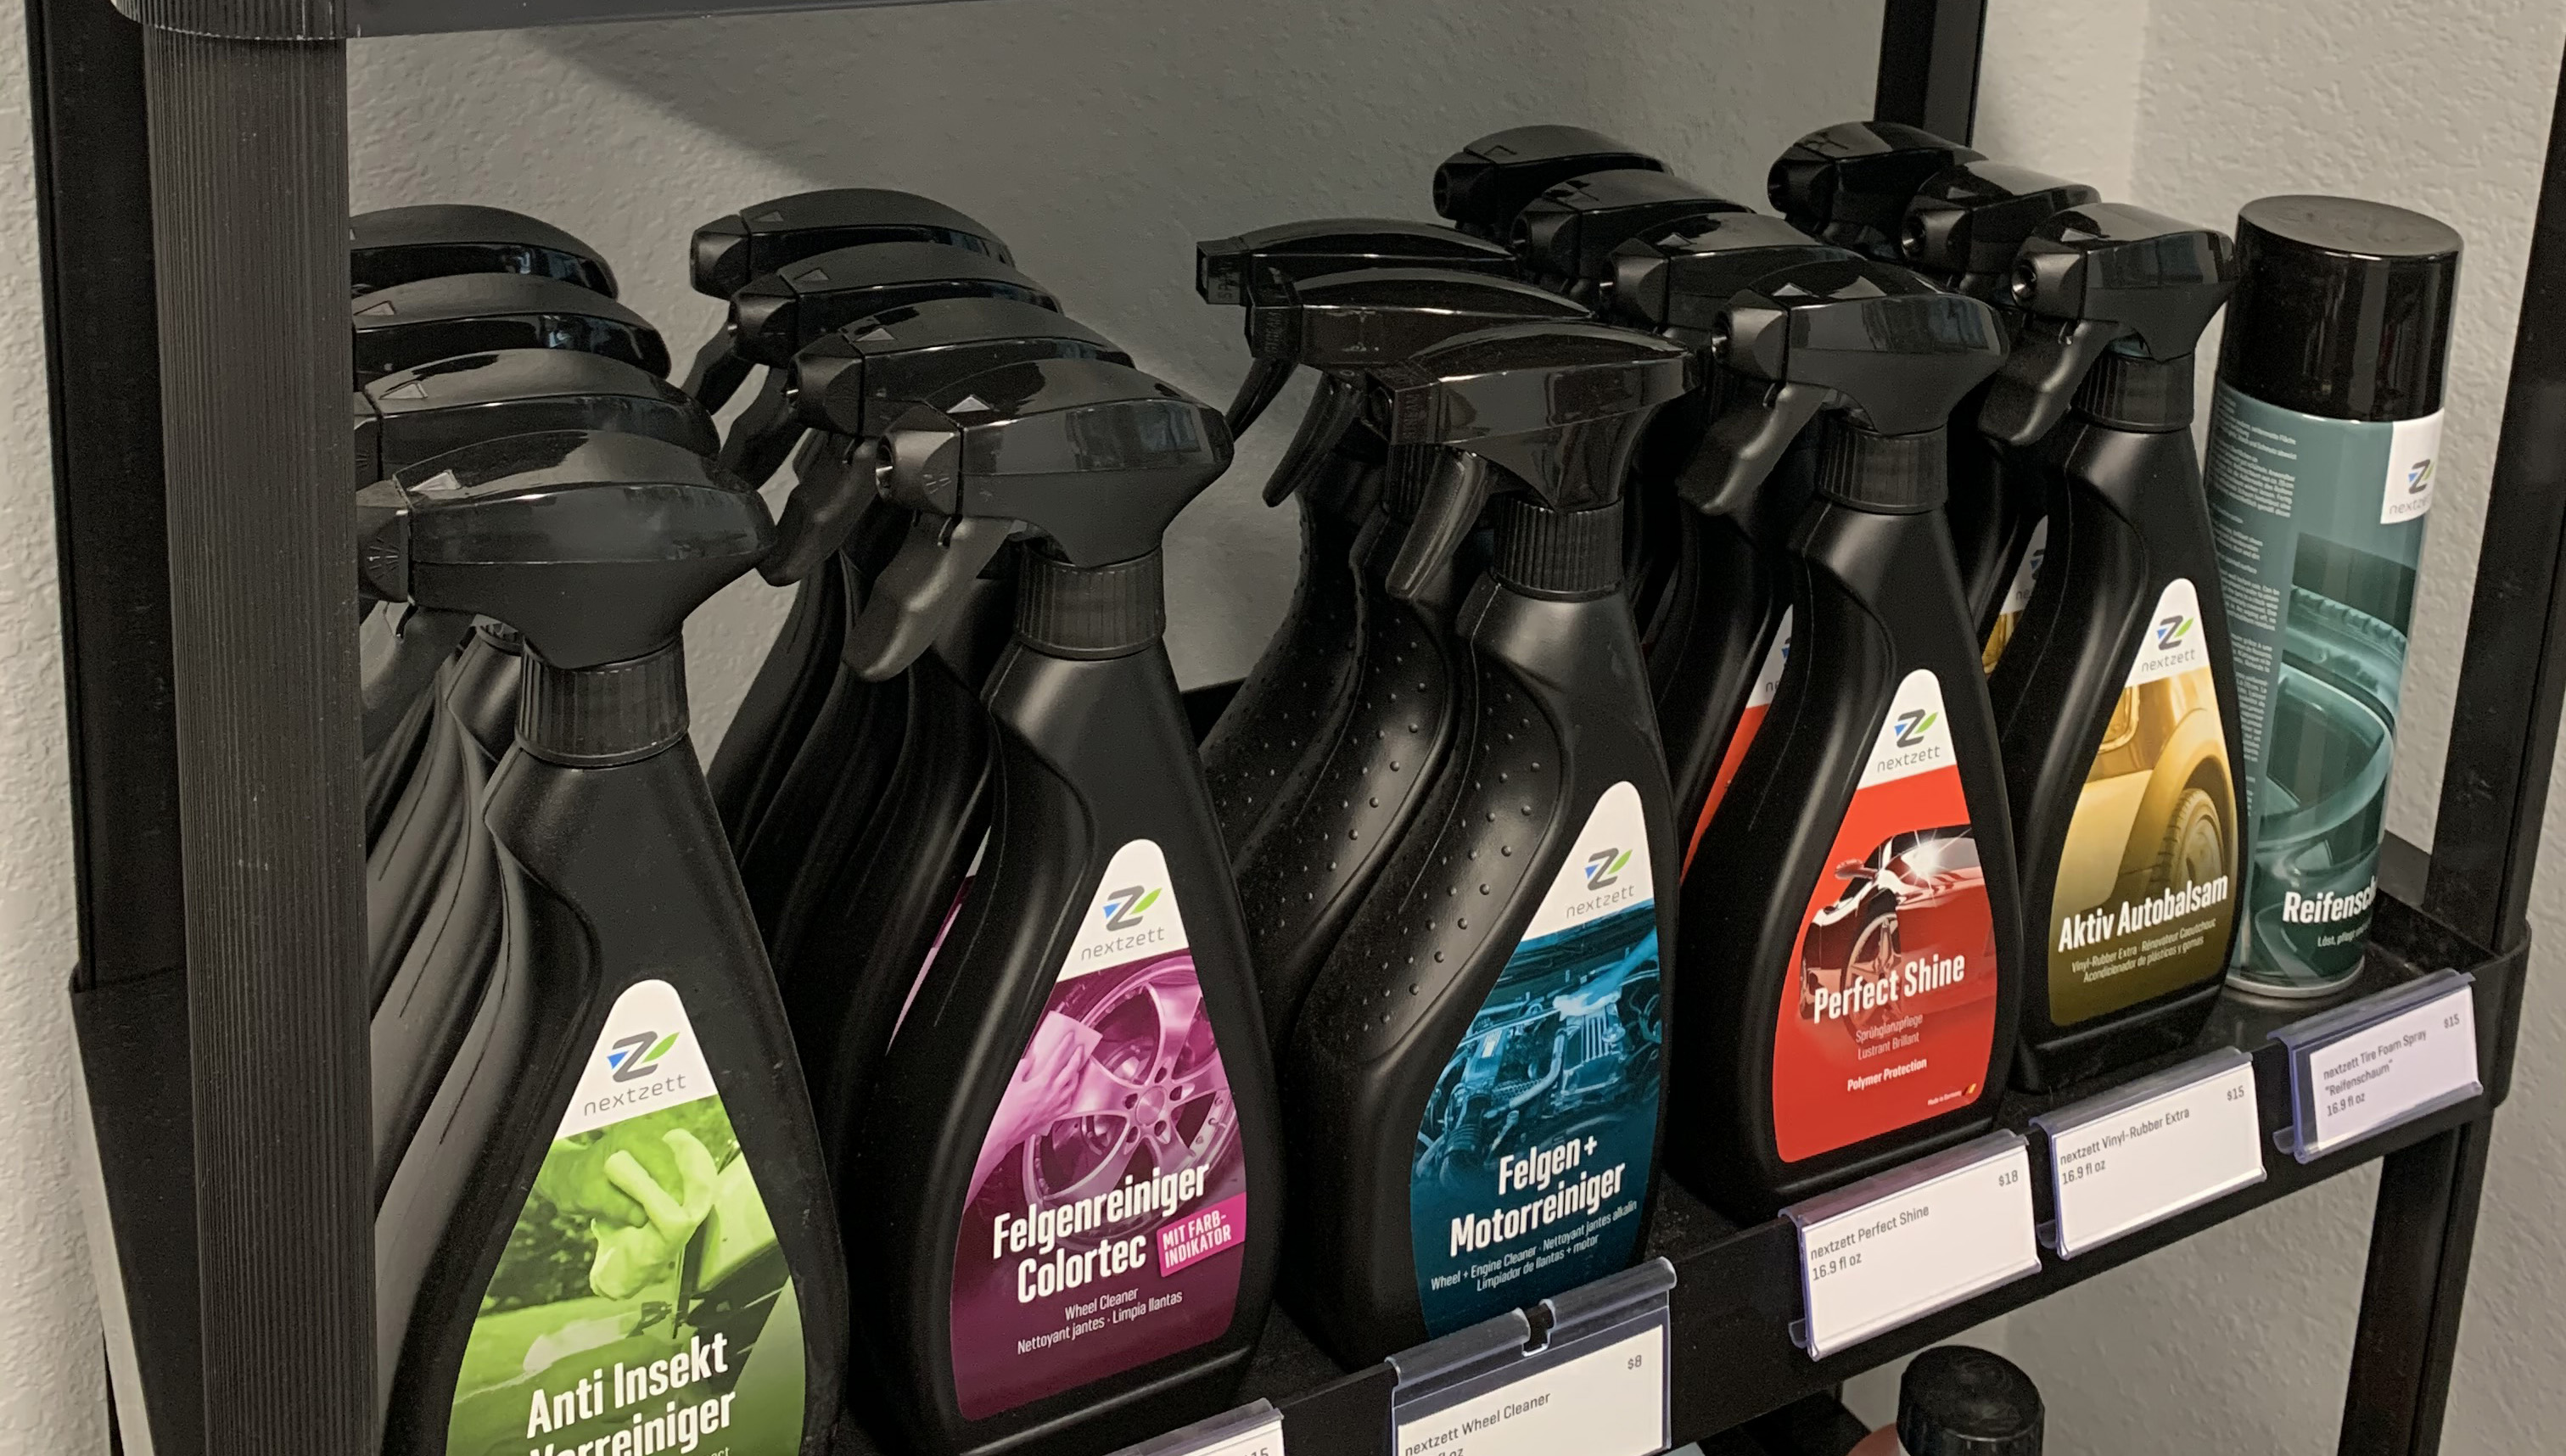 product-on-shelves-2.jpg